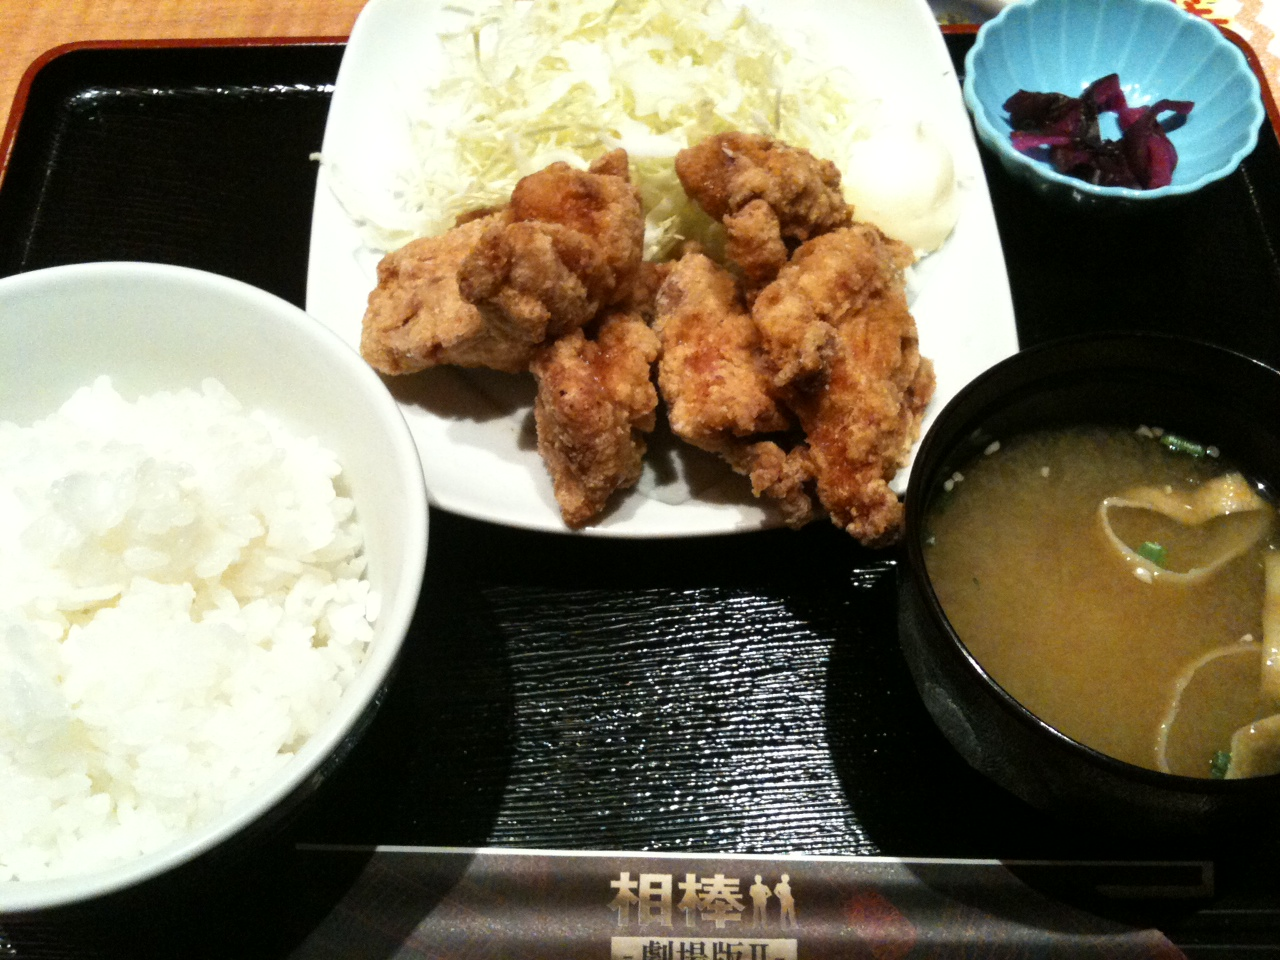 魚民 JR栃木駅店